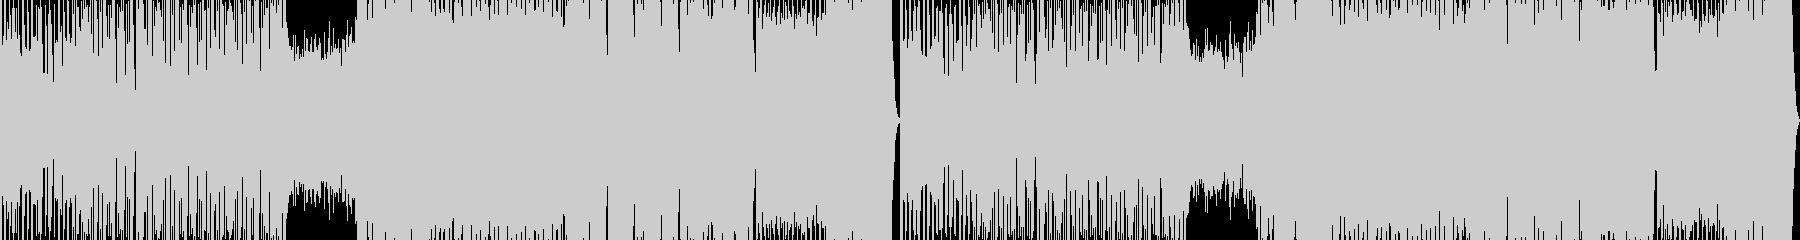 逆境からの挑戦・ループ、ゲーム・CMの未再生の波形